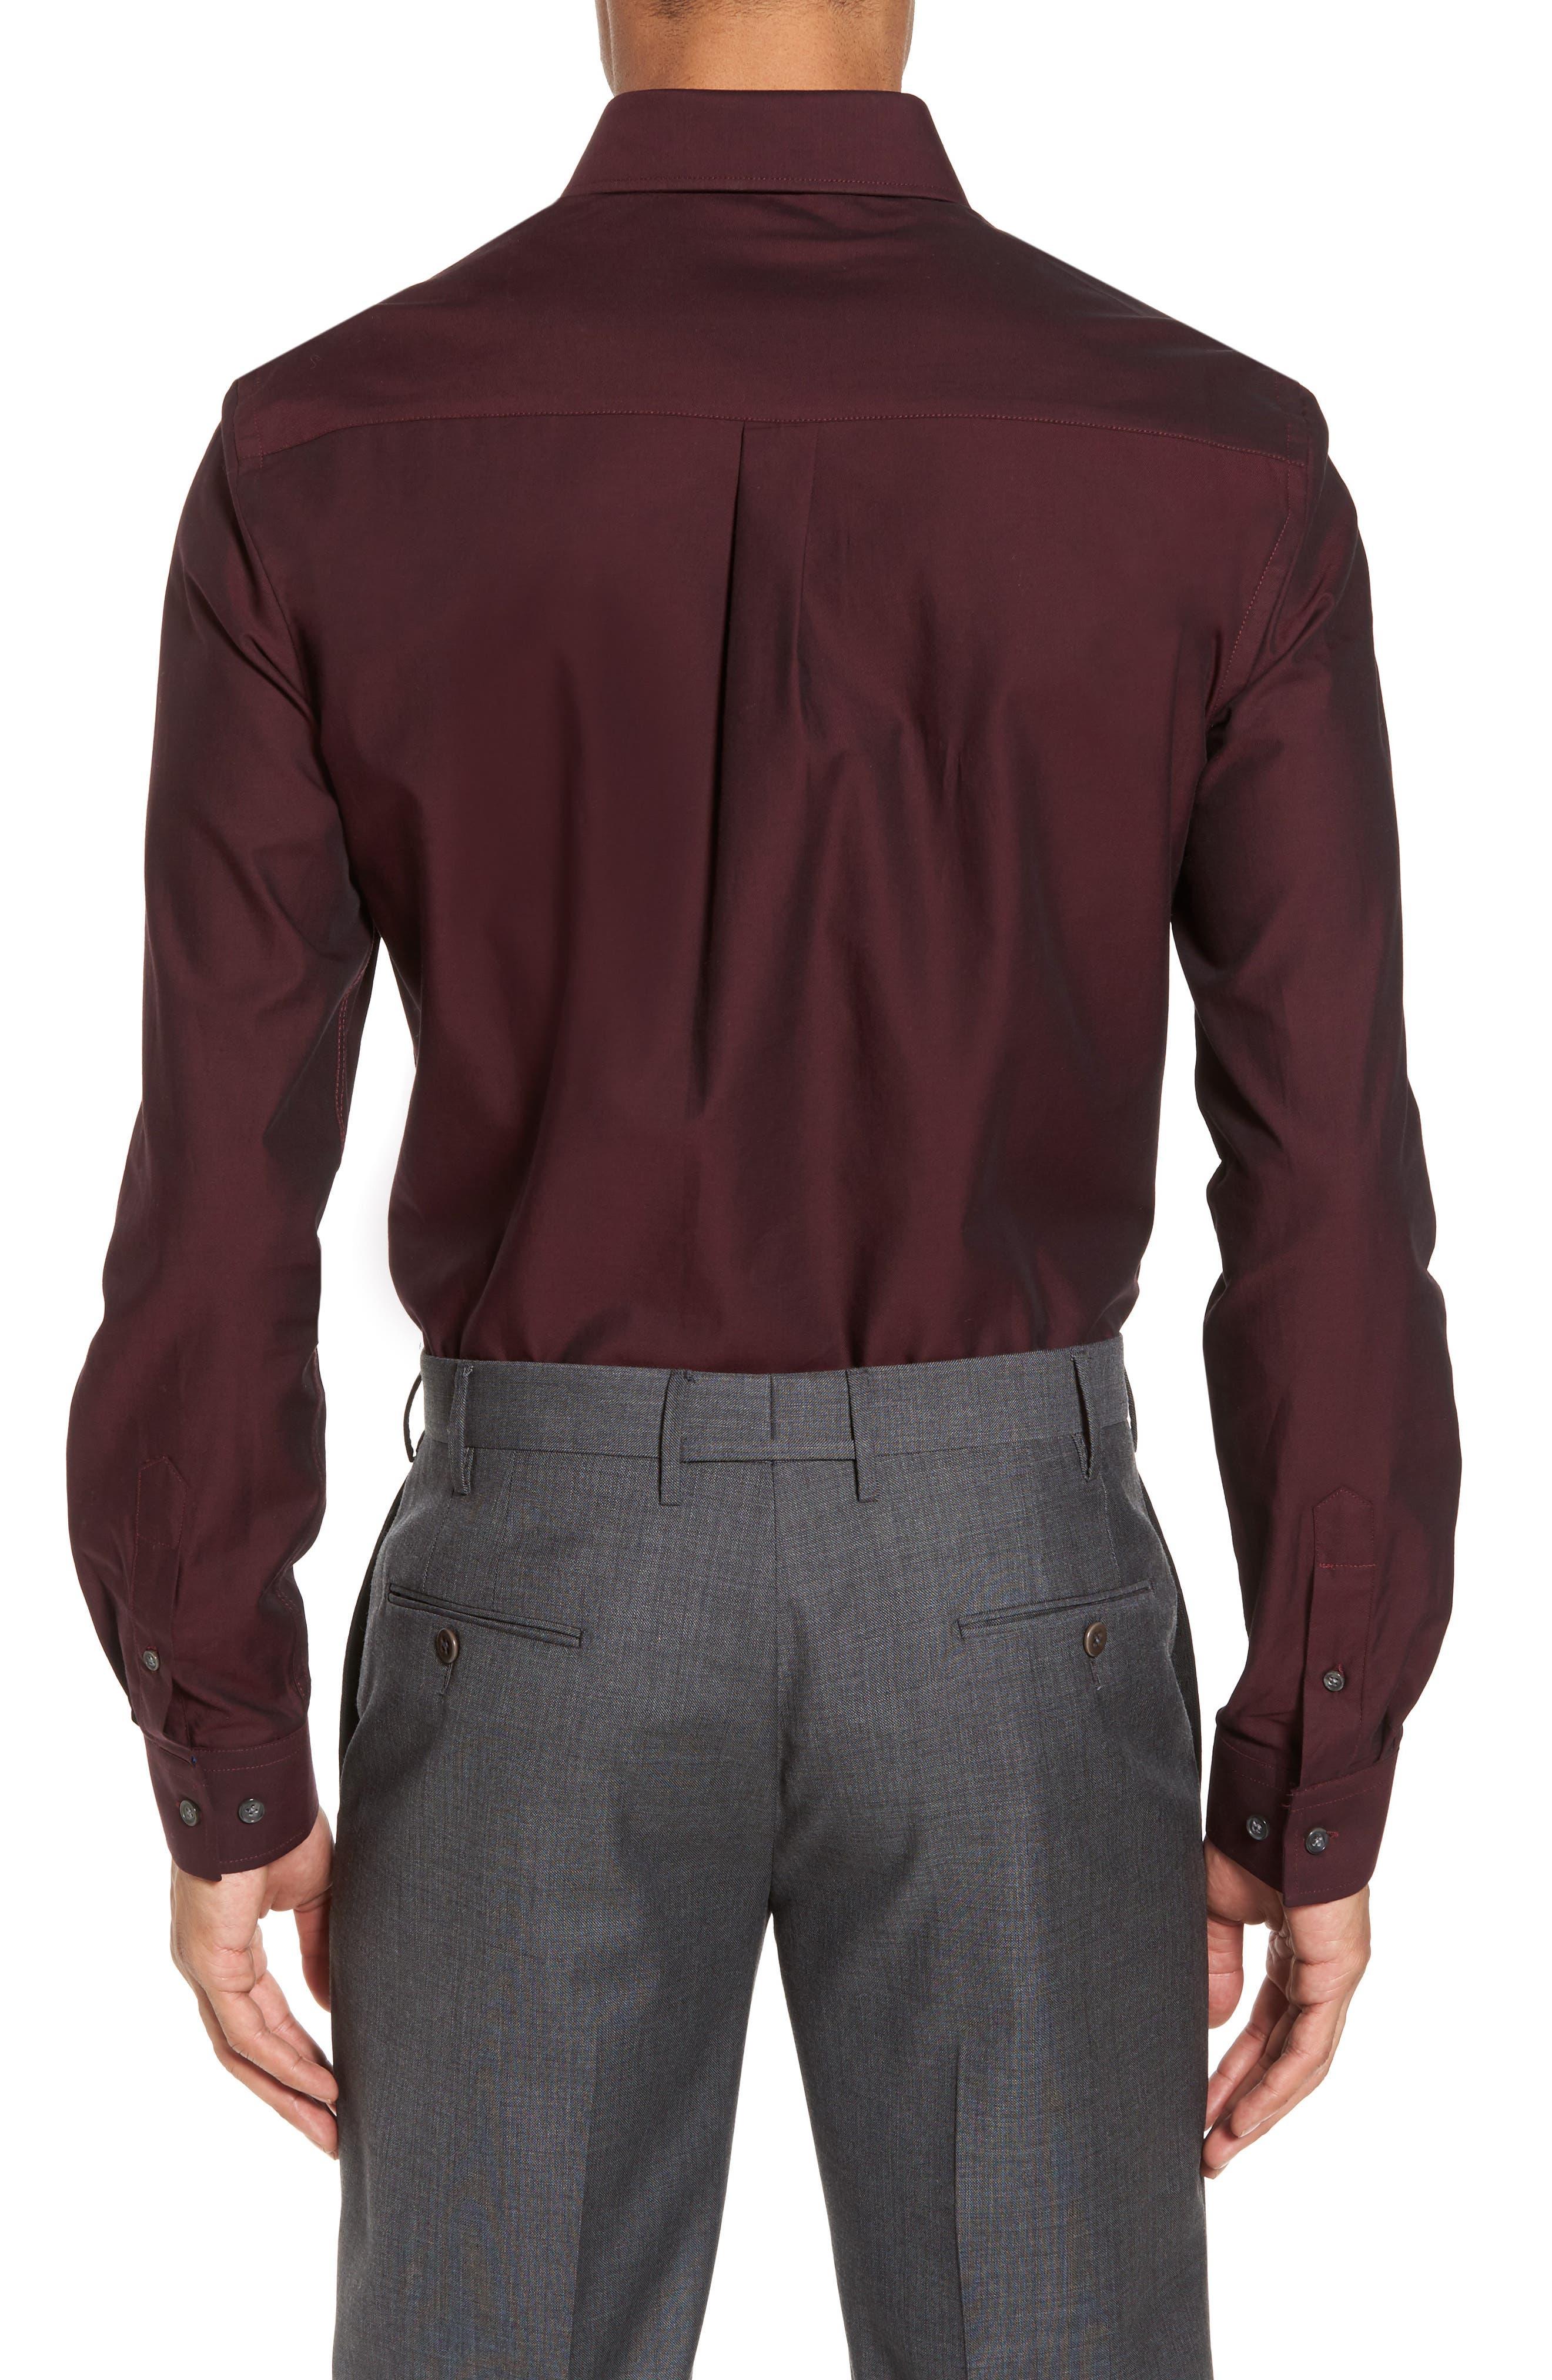 DUCHAMP,                             Trim Fit Solid Dress Shirt,                             Alternate thumbnail 2, color,                             930